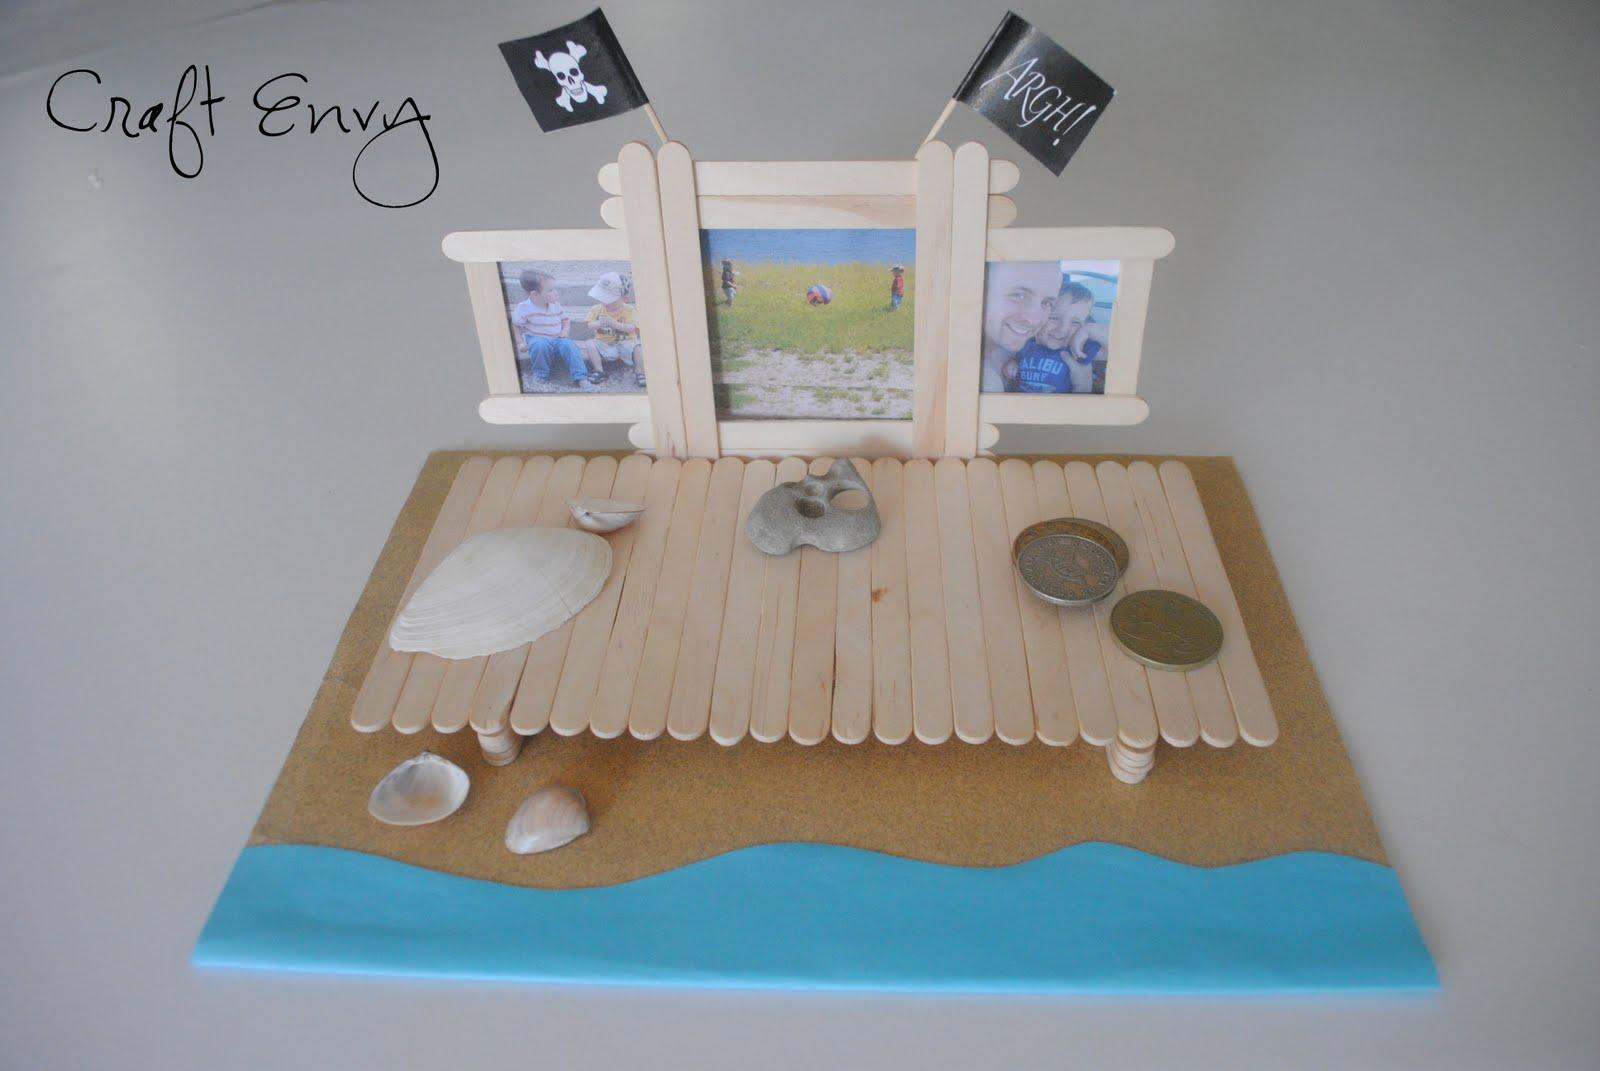 Craft Envy: Boardwalk Picture Frame